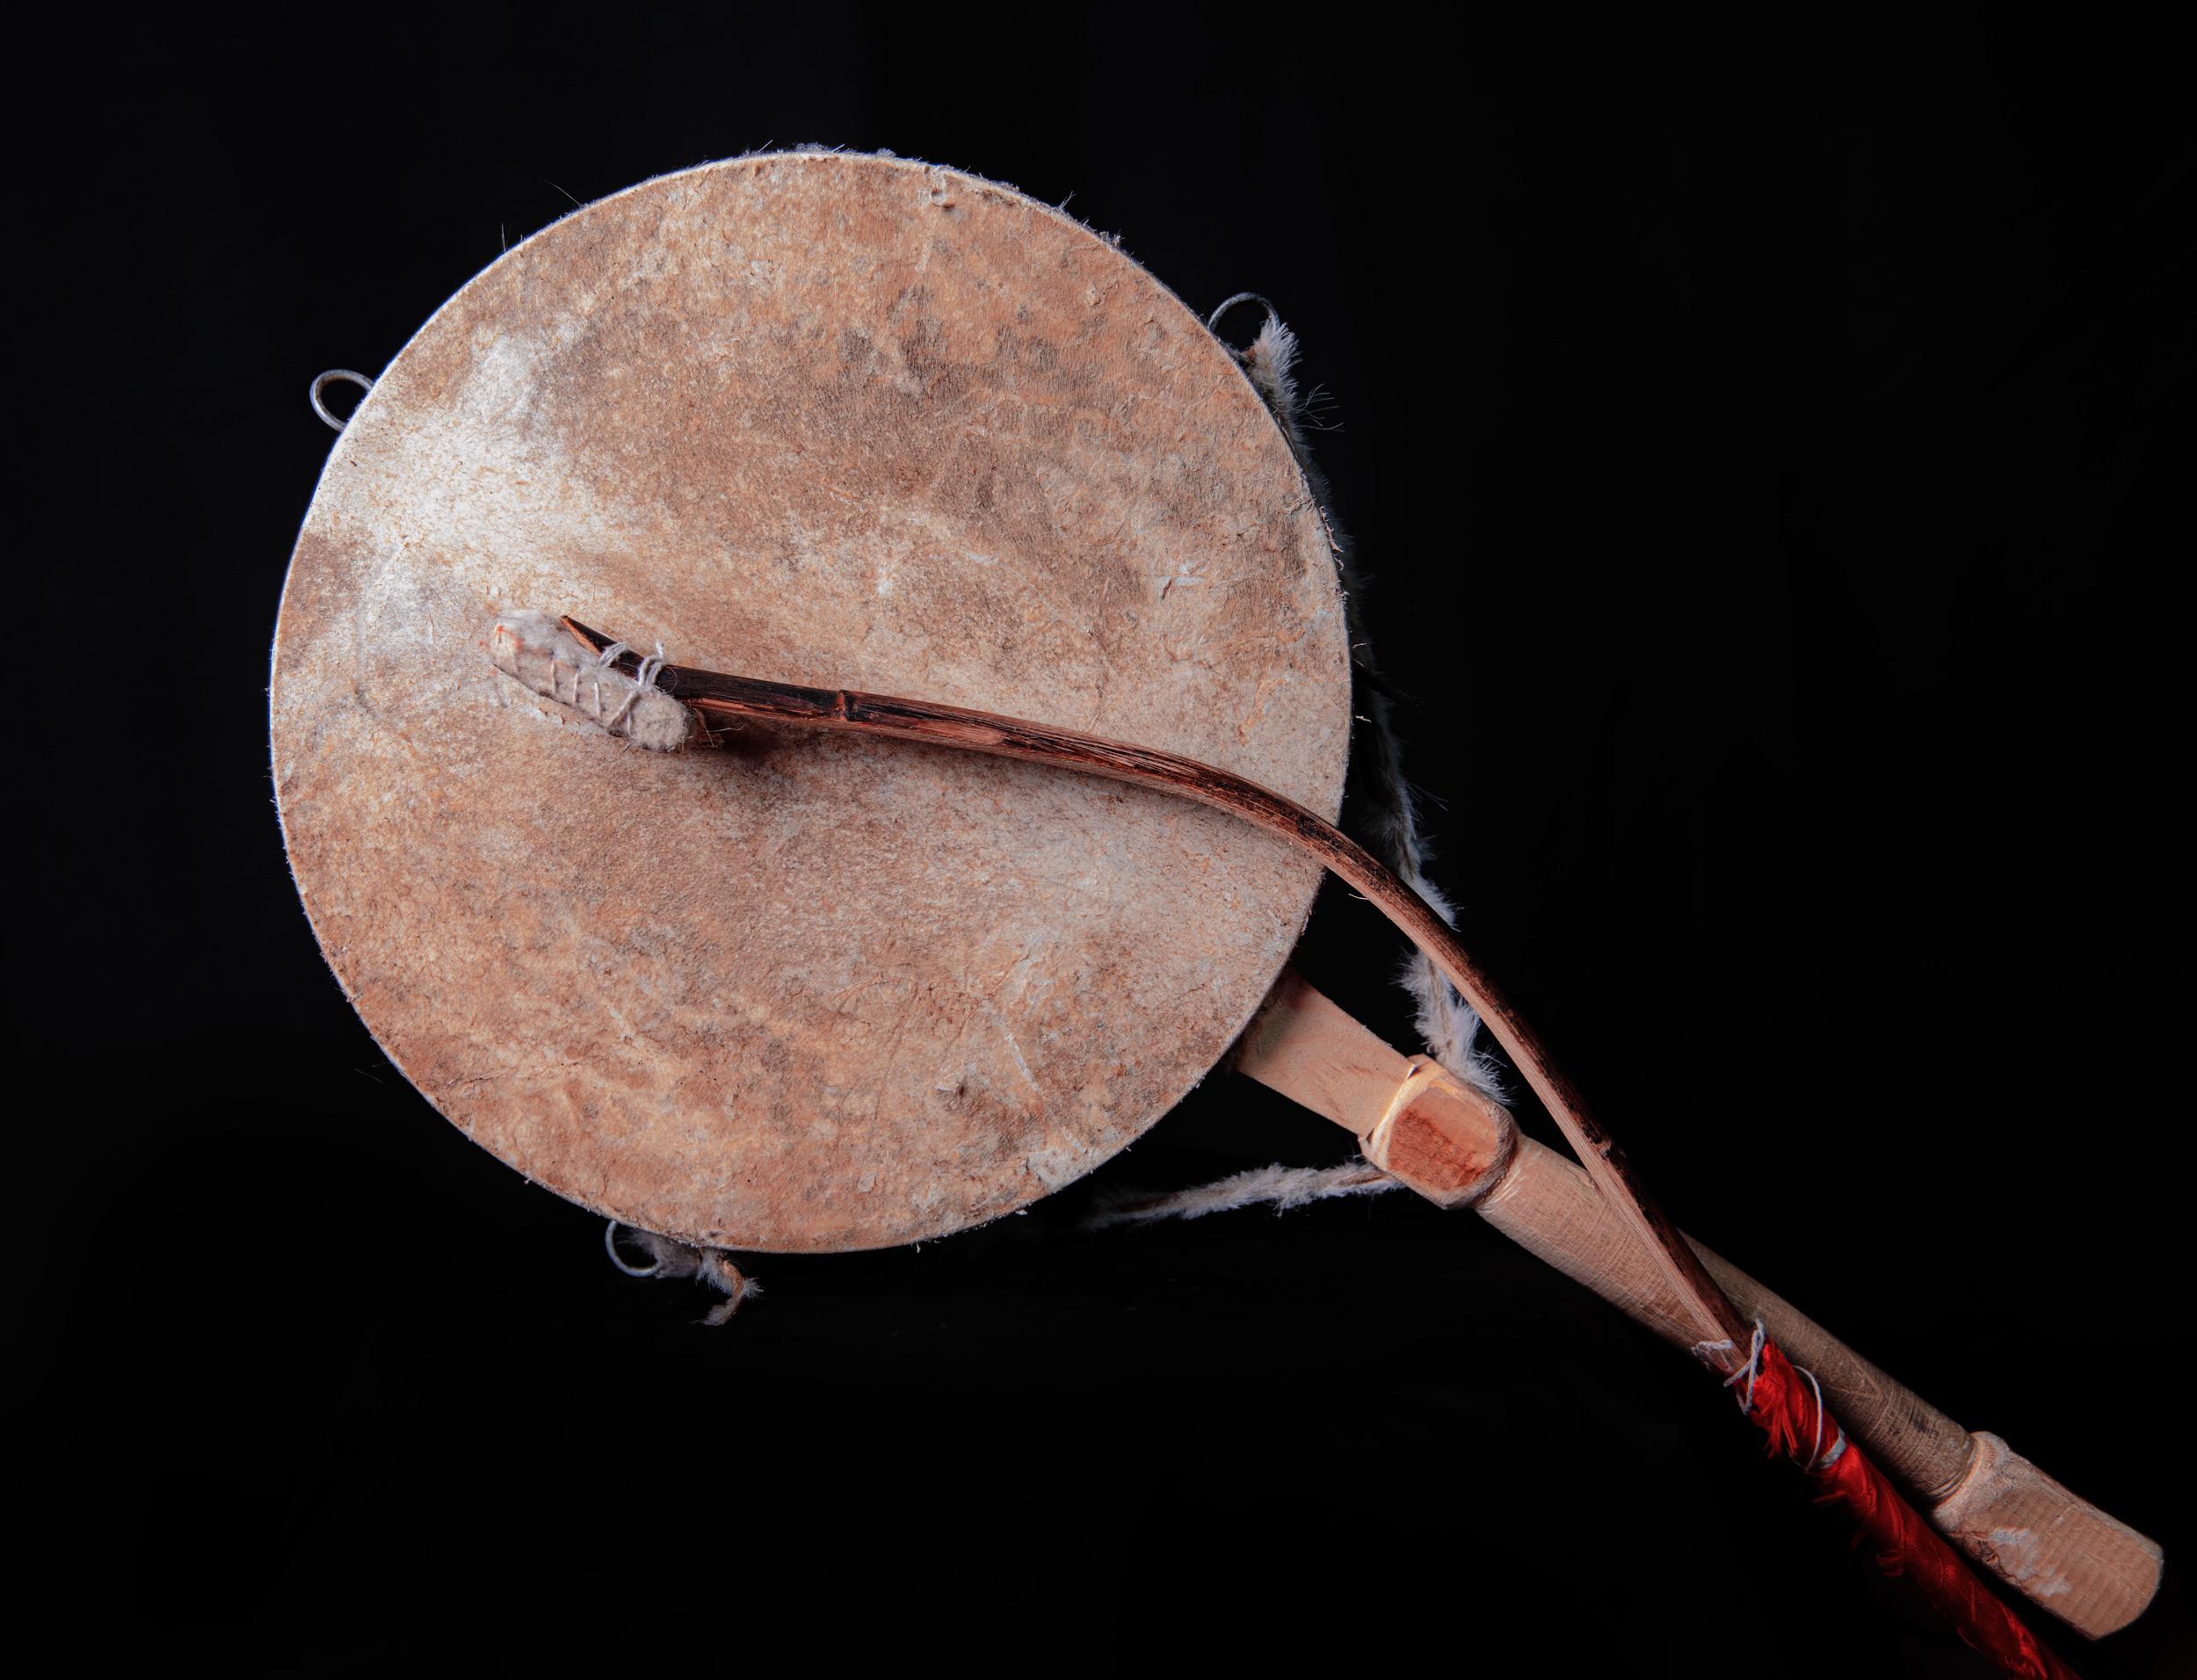 鼓西藏手鼓丁青热巴鼓做旧鼓纯手工艺品藏族纯羊皮鼓 舞蹈道具